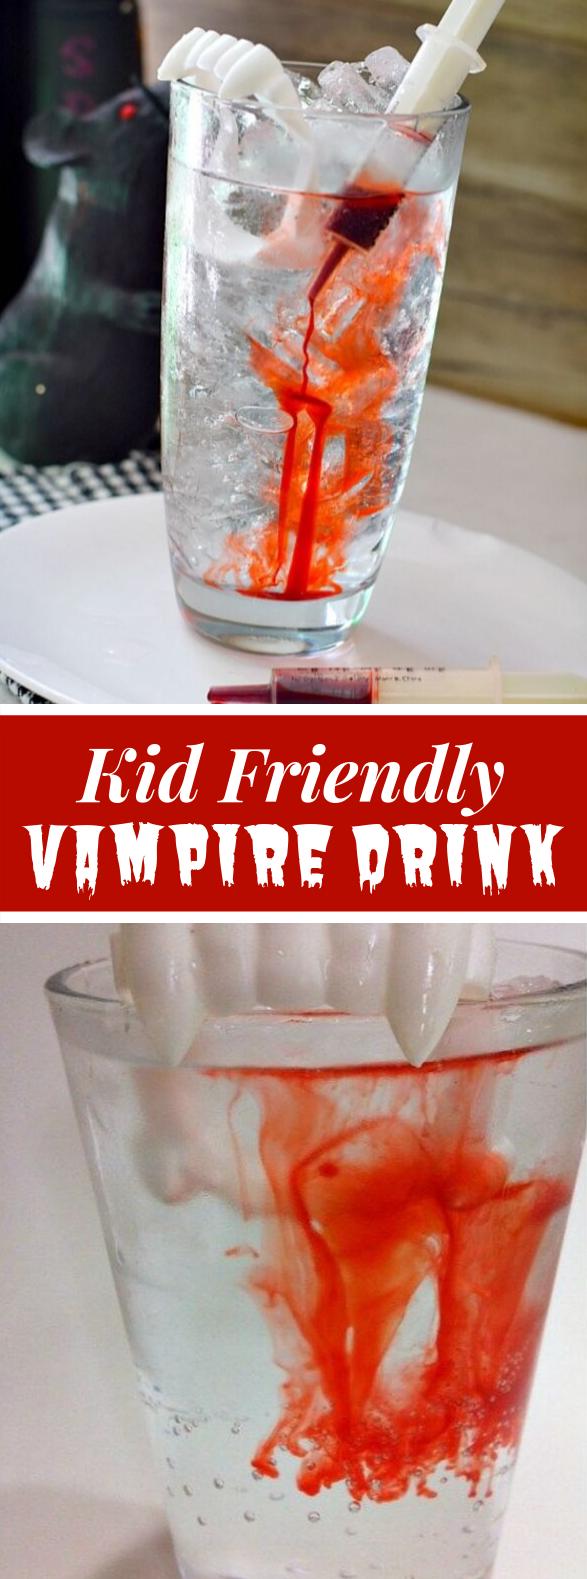 Kid-Friendly Halloween Vampire Drink #holidayrecipes #partydrinks